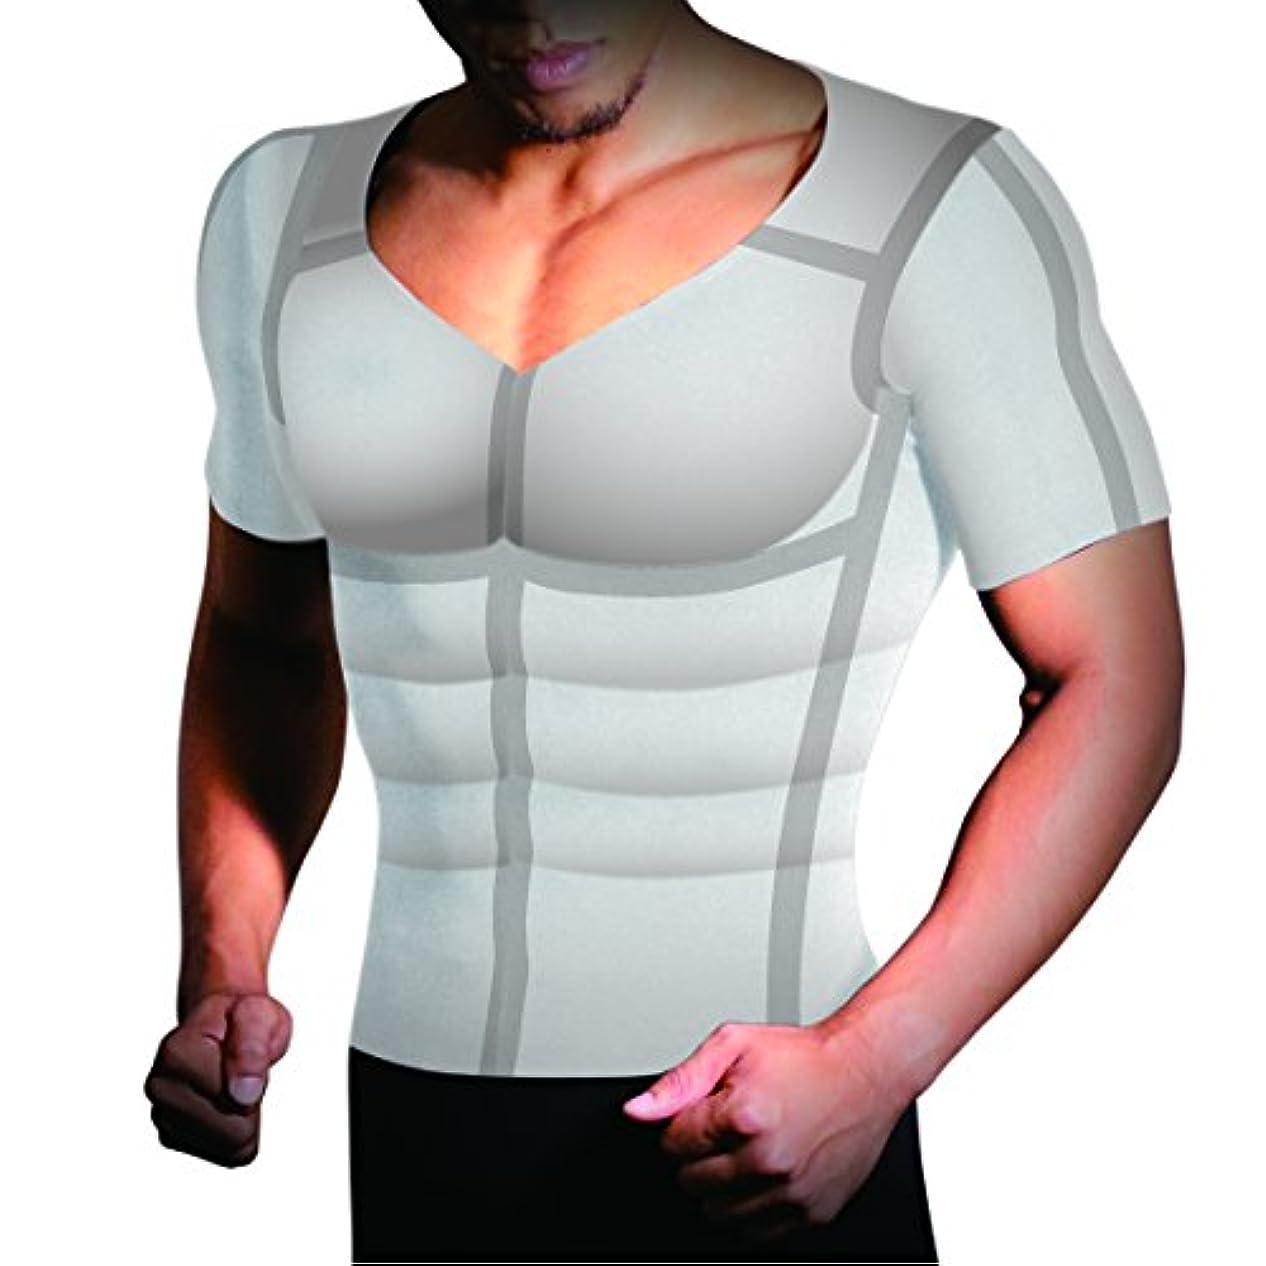 ステレオタイプアーティキュレーション割る加圧シャツ ヒロミプロデュース パンプマッスルビルダーTシャツ(Lサイズ/ホワイト) KTSWTL